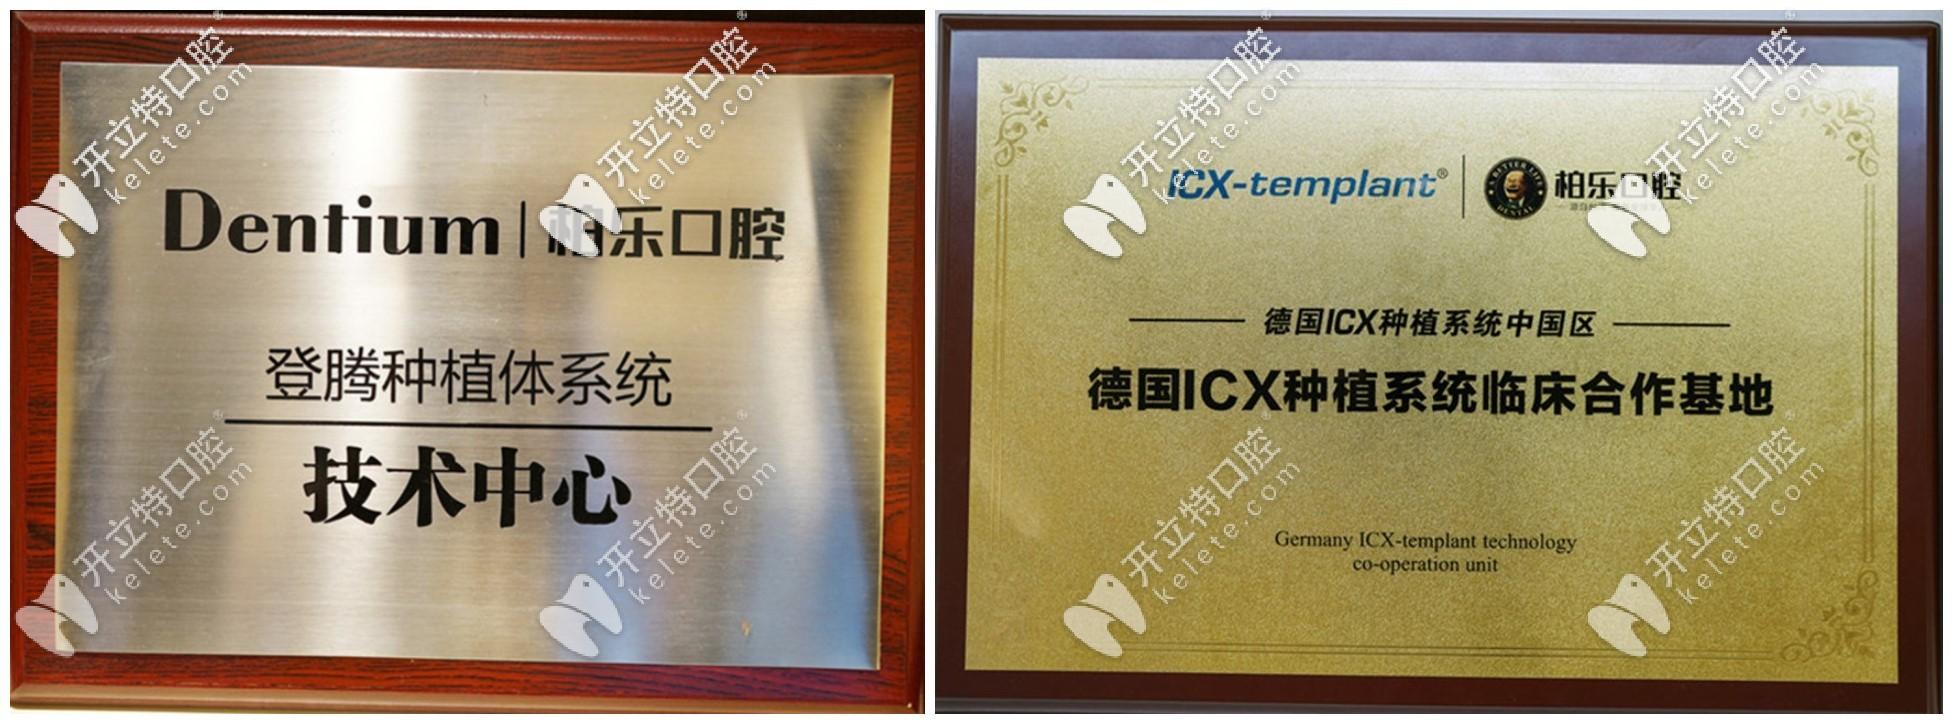 南宁柏乐是韩国登腾和德国icx临床合作基地